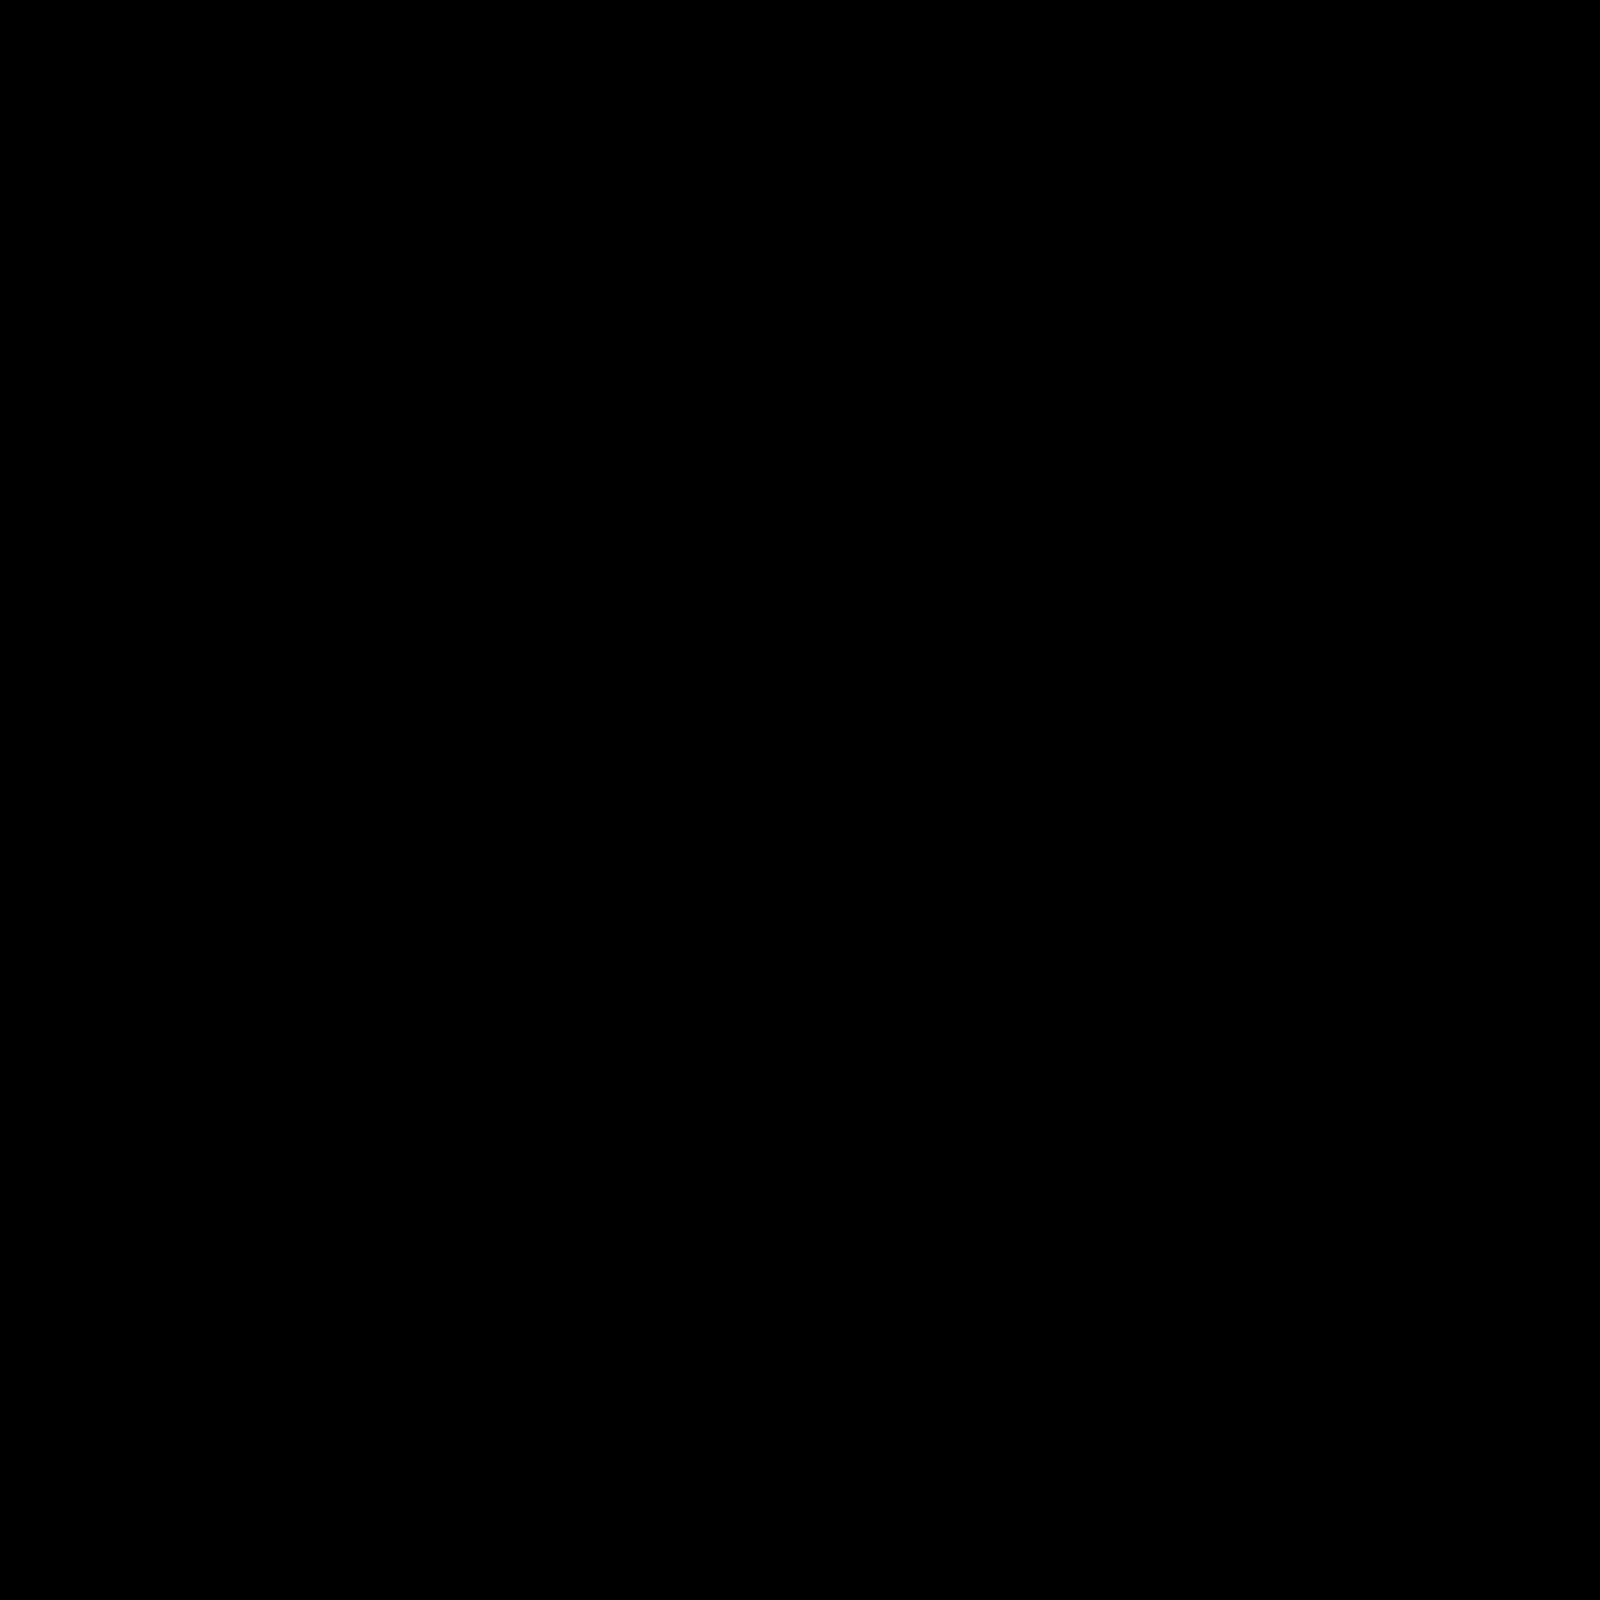 拼贴画 icon. The icon is a square composed of four separate sized rectangular tiles, arranged in such a way that each horizontal half resembles a one hundred eighty degree rotation of the other. The tiles on each side are asymmetrical in terms of their size.